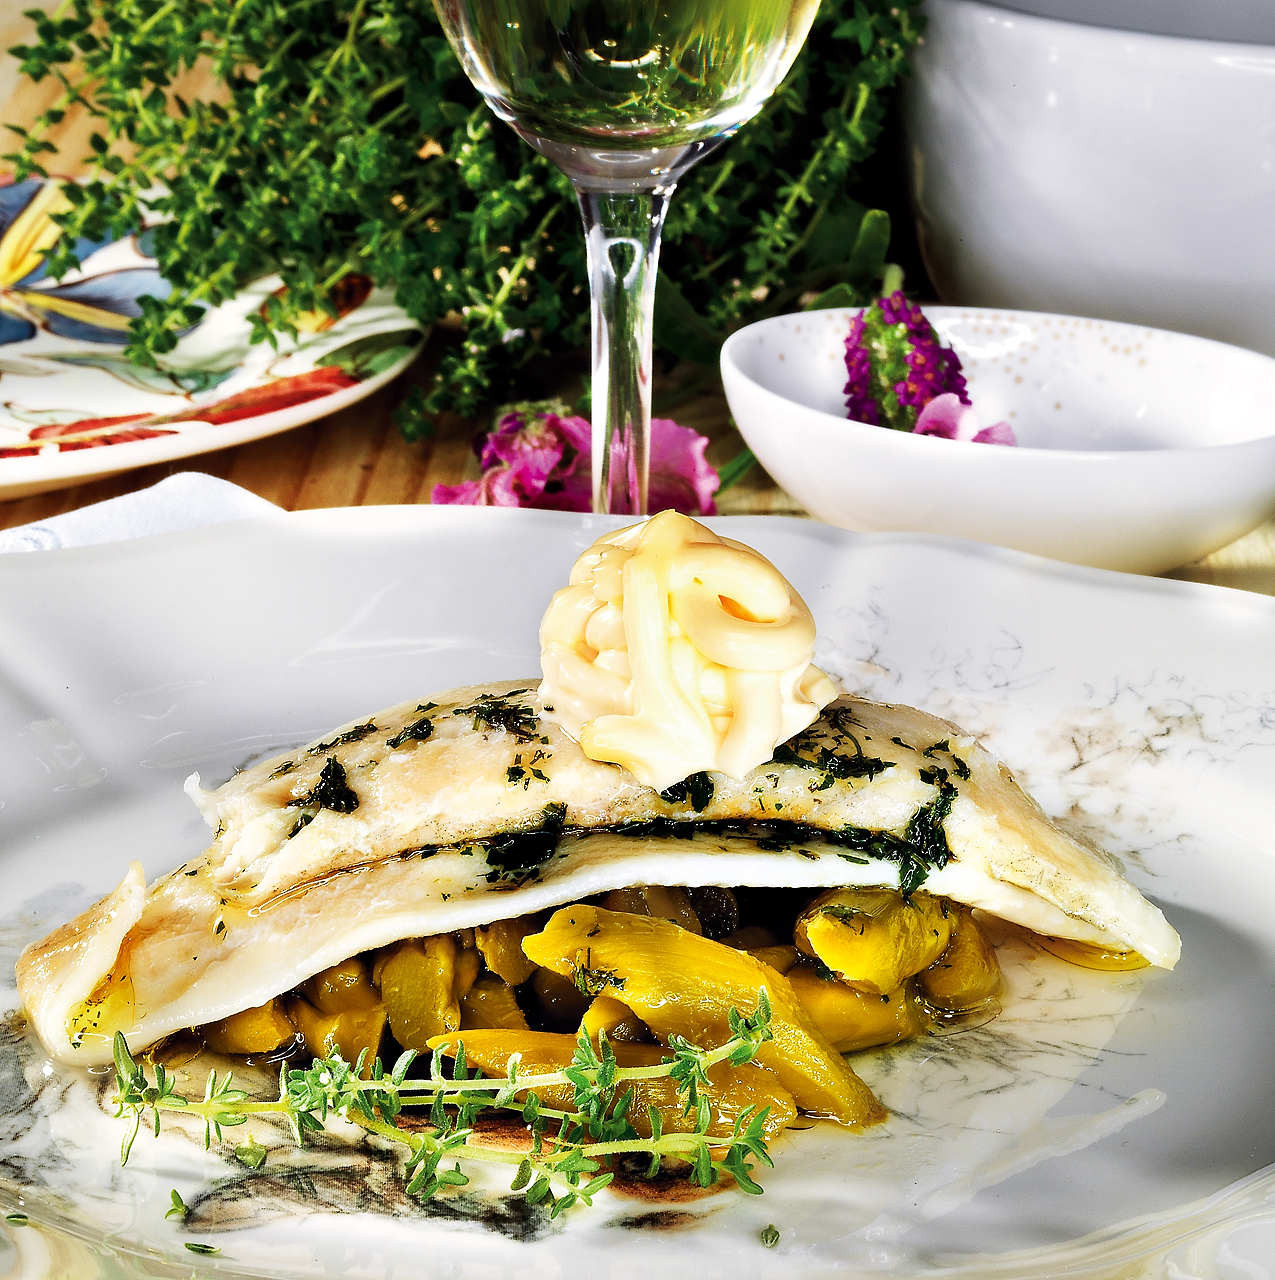 pescada marinada.JPG